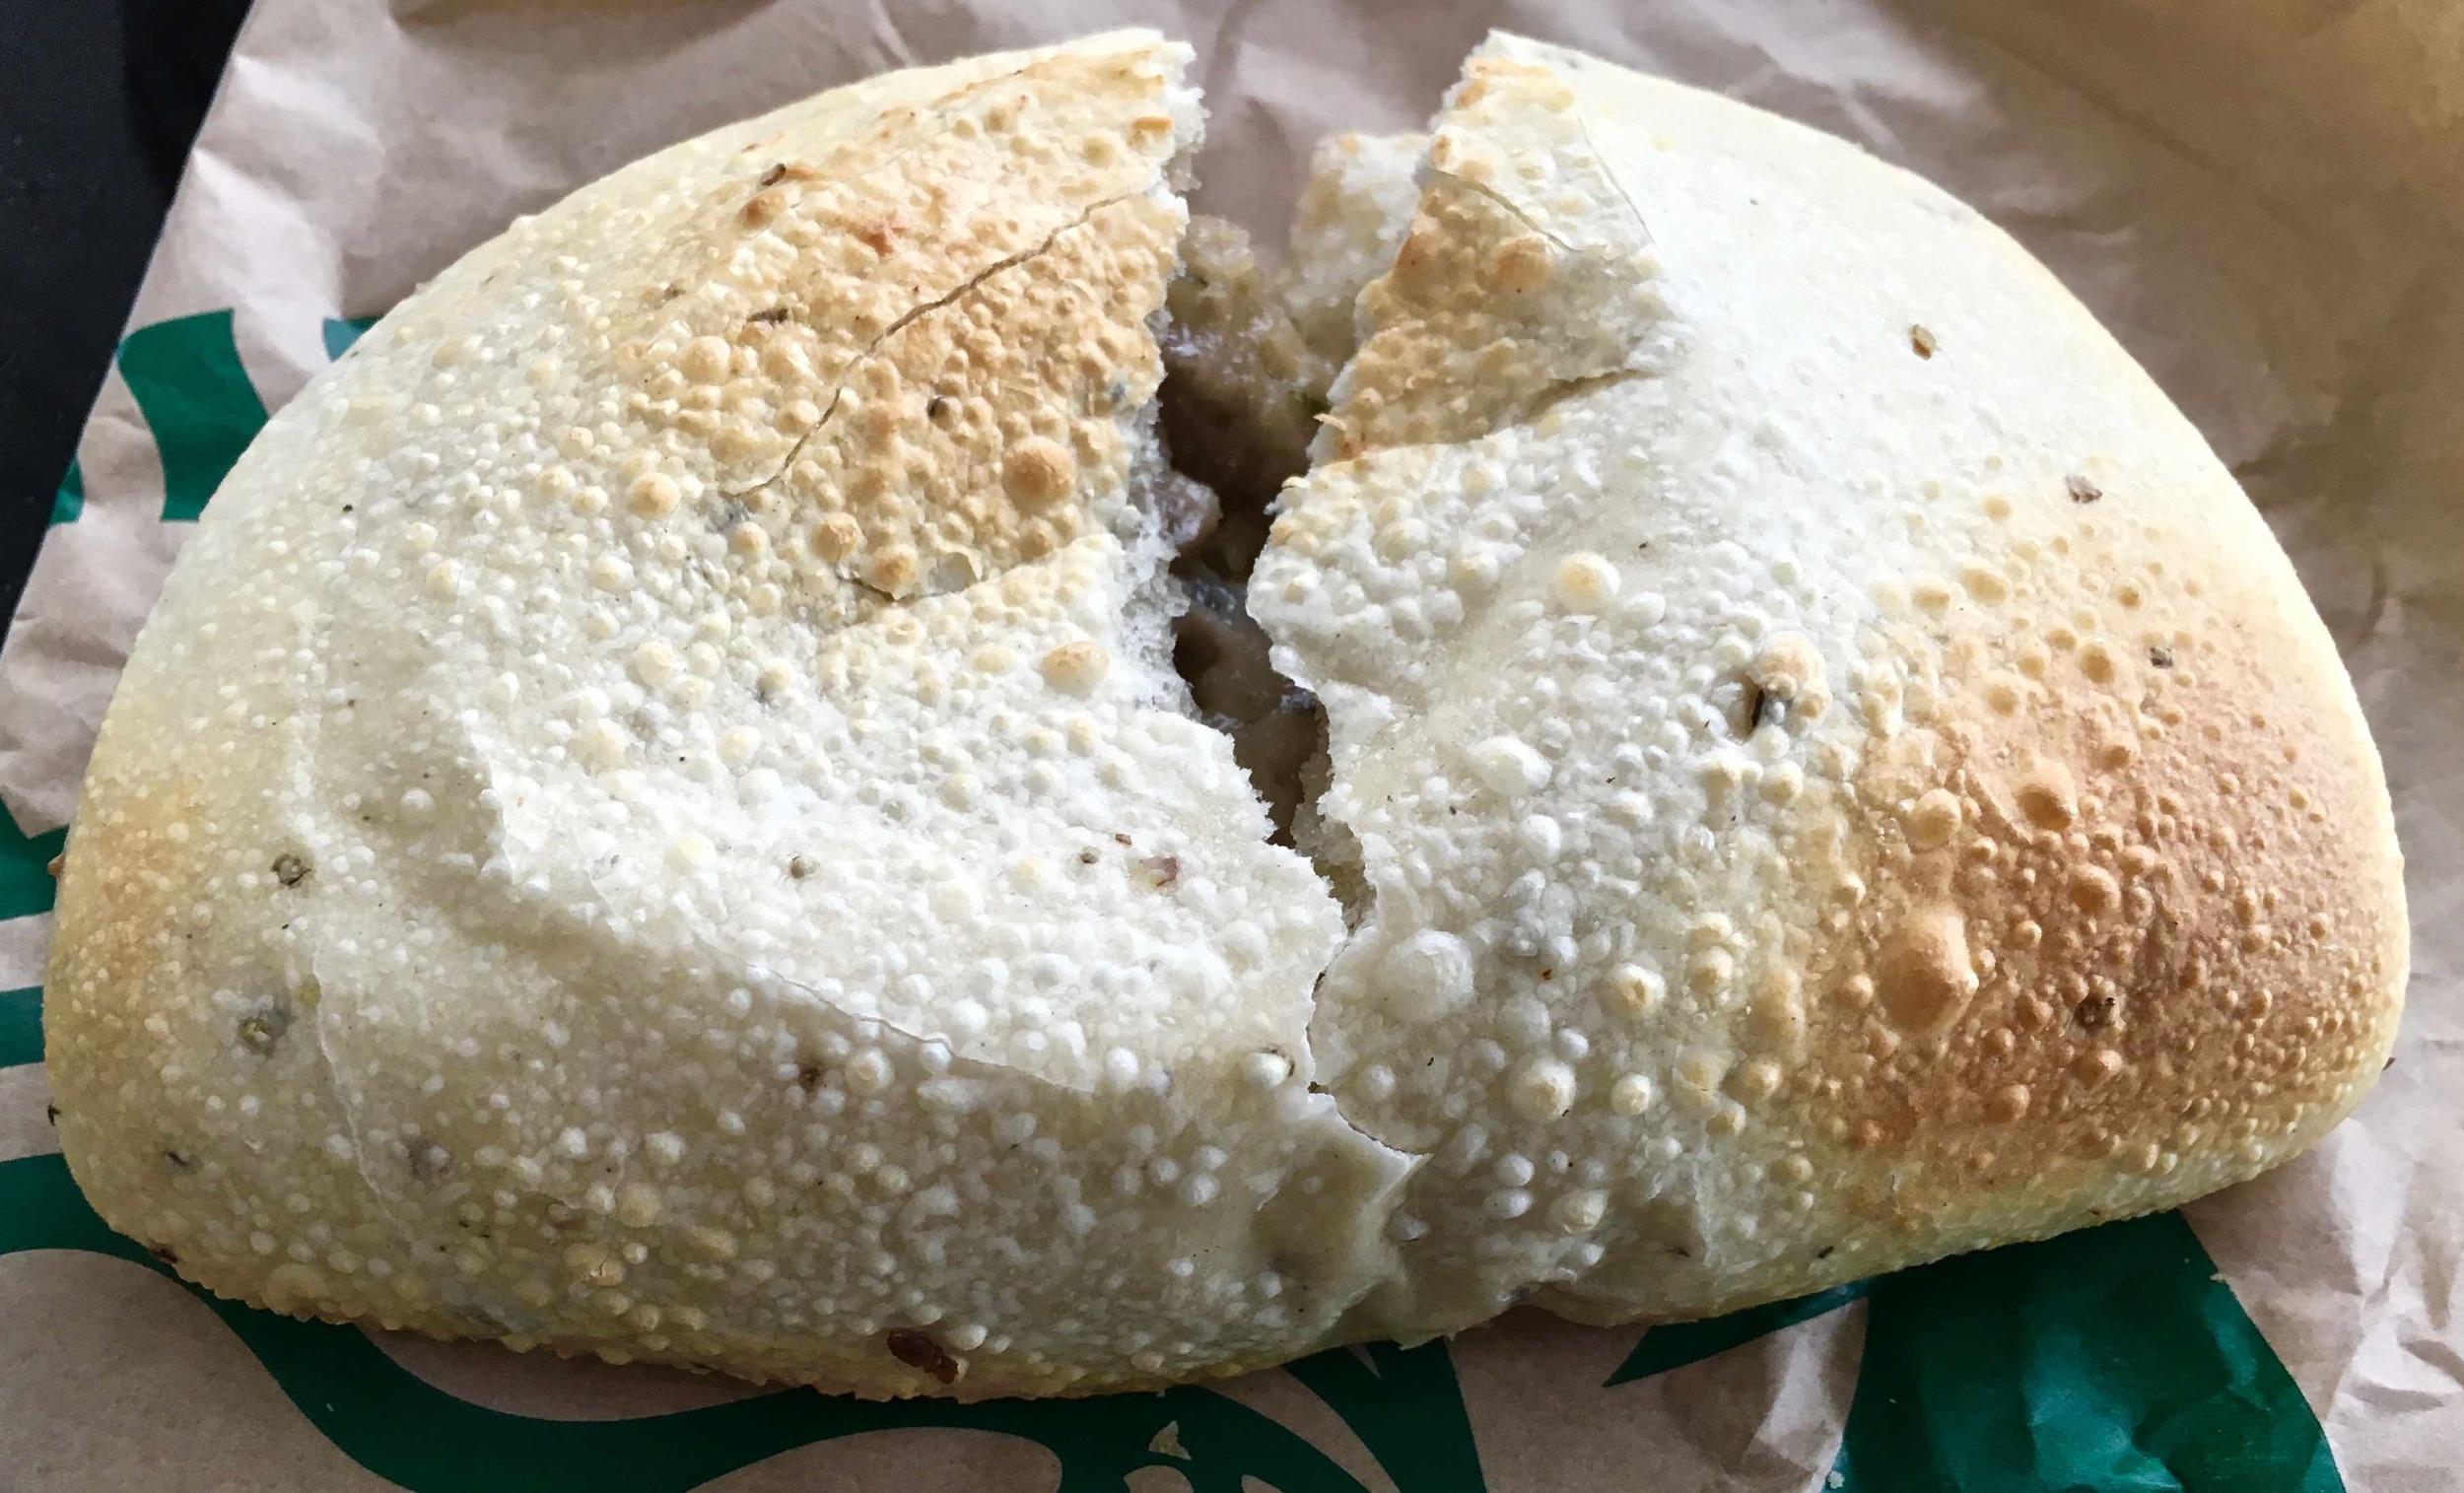 mushroom and cheese hot pocket